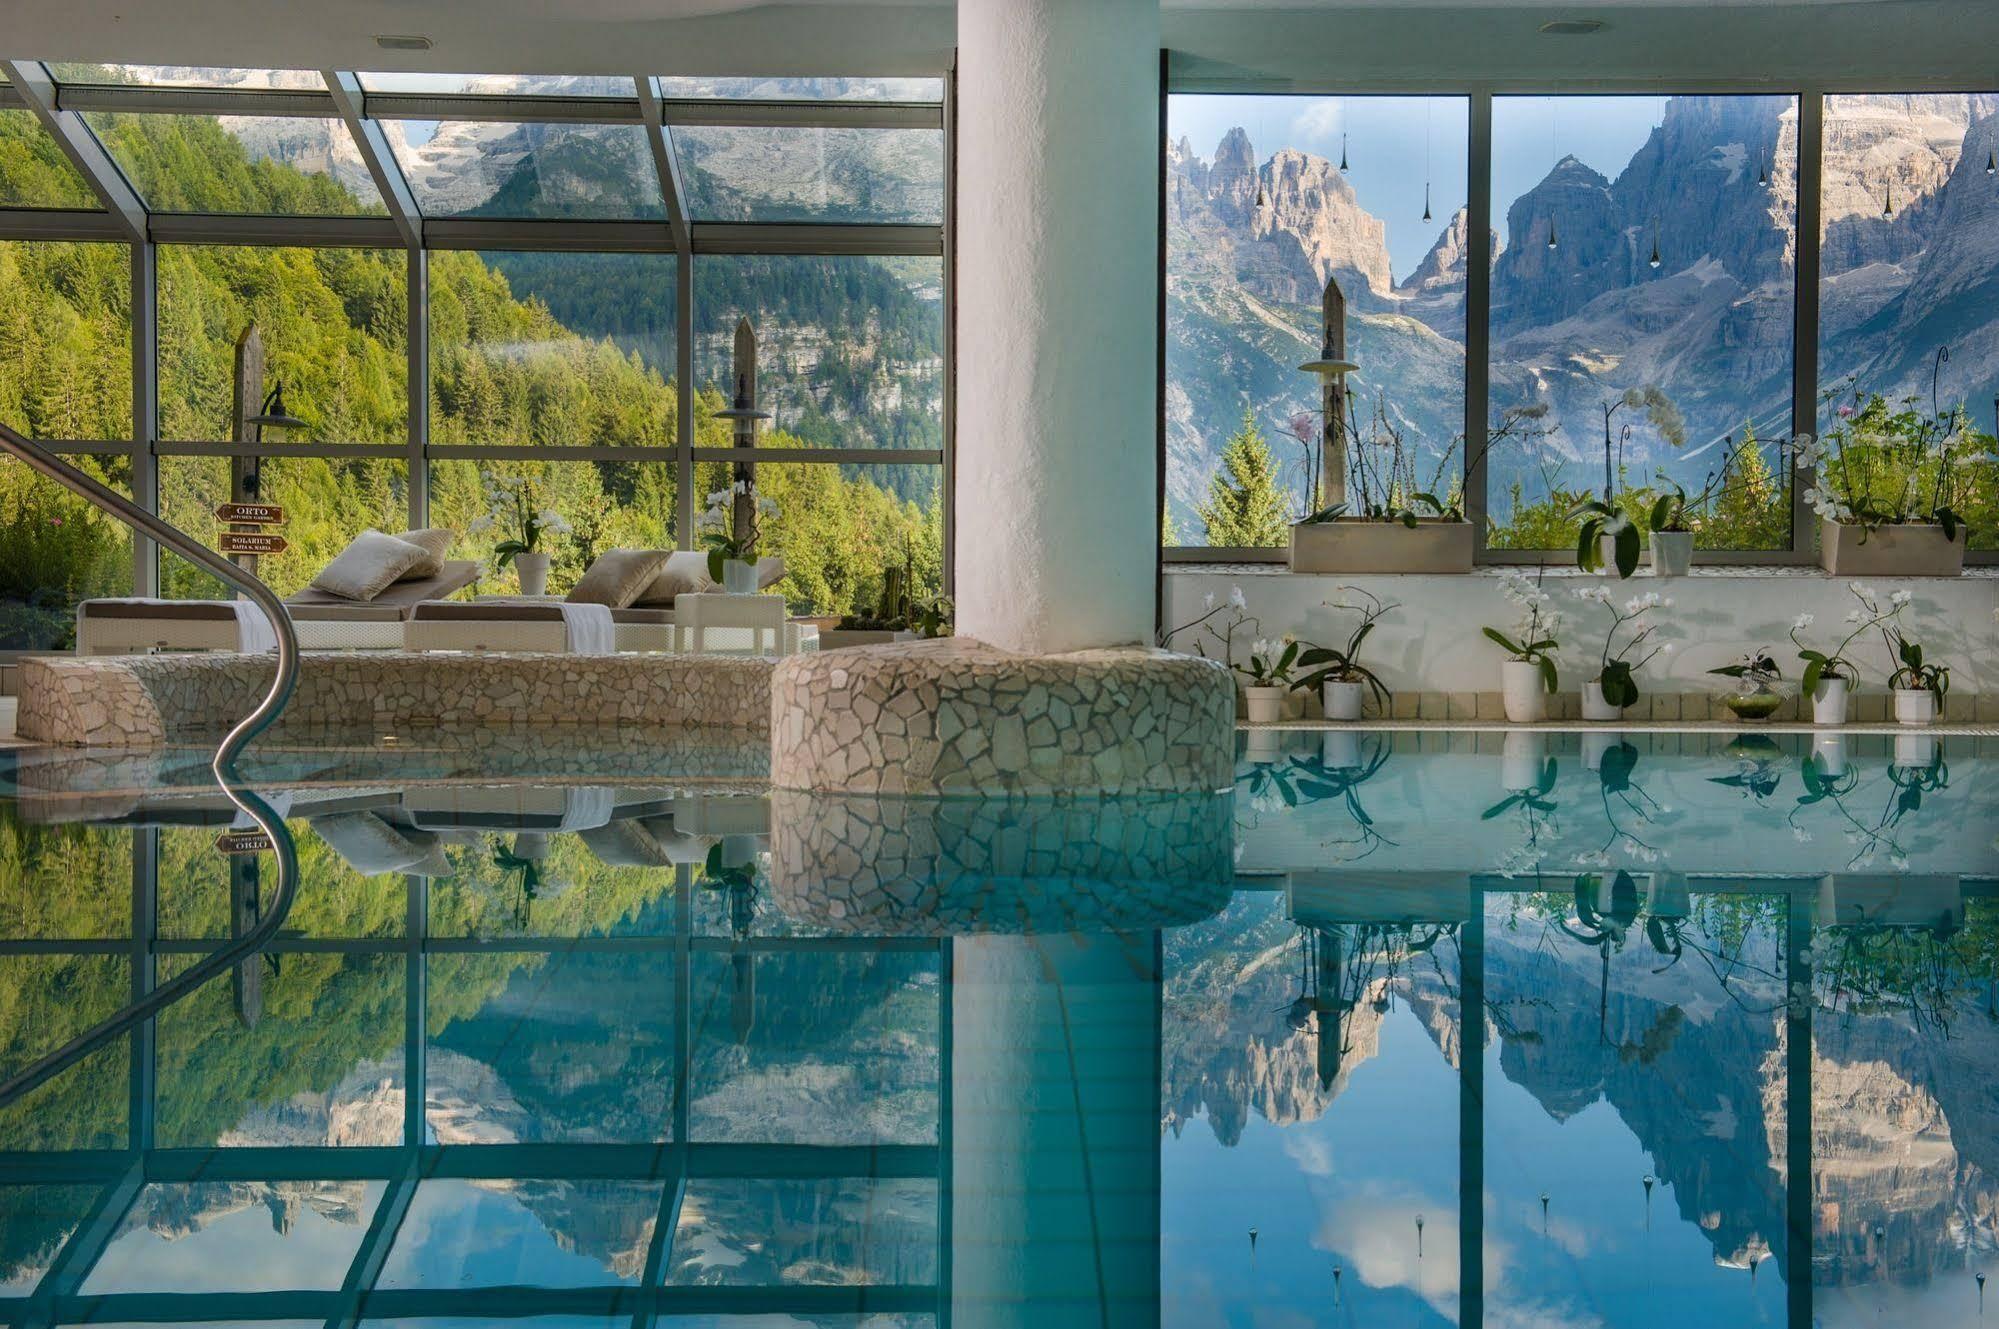 Bio Hotel Hermitage, Madonna Di Campiglio Image 2